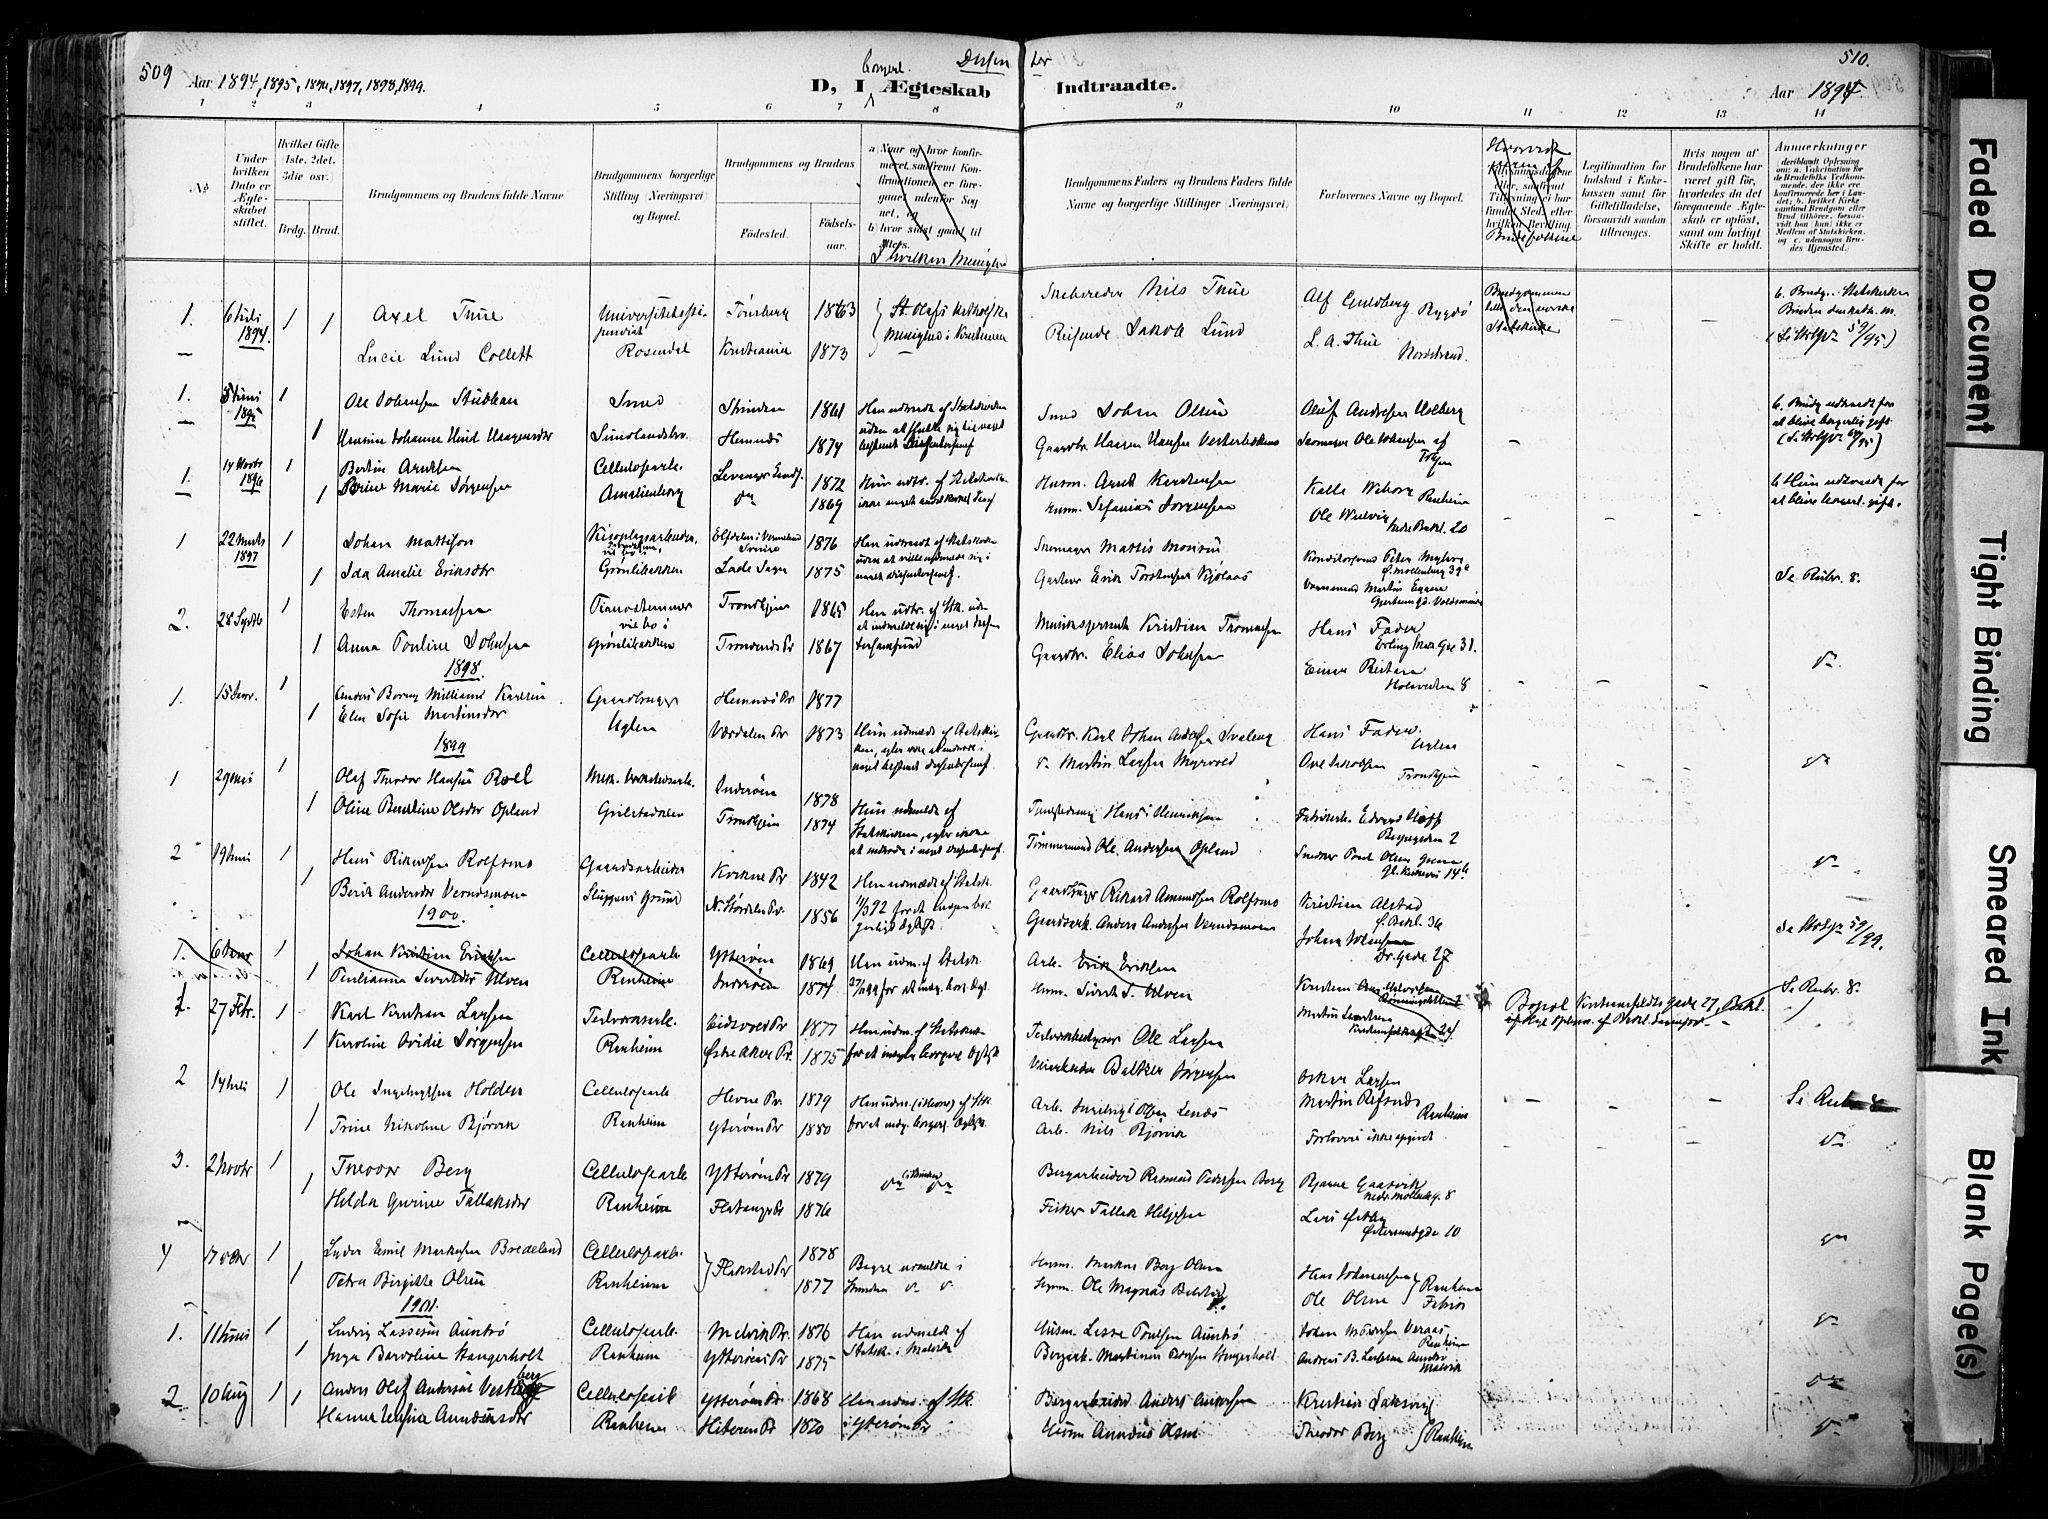 SAT, Ministerialprotokoller, klokkerbøker og fødselsregistre - Sør-Trøndelag, 606/L0301: Ministerialbok nr. 606A16, 1894-1907, s. 509-510